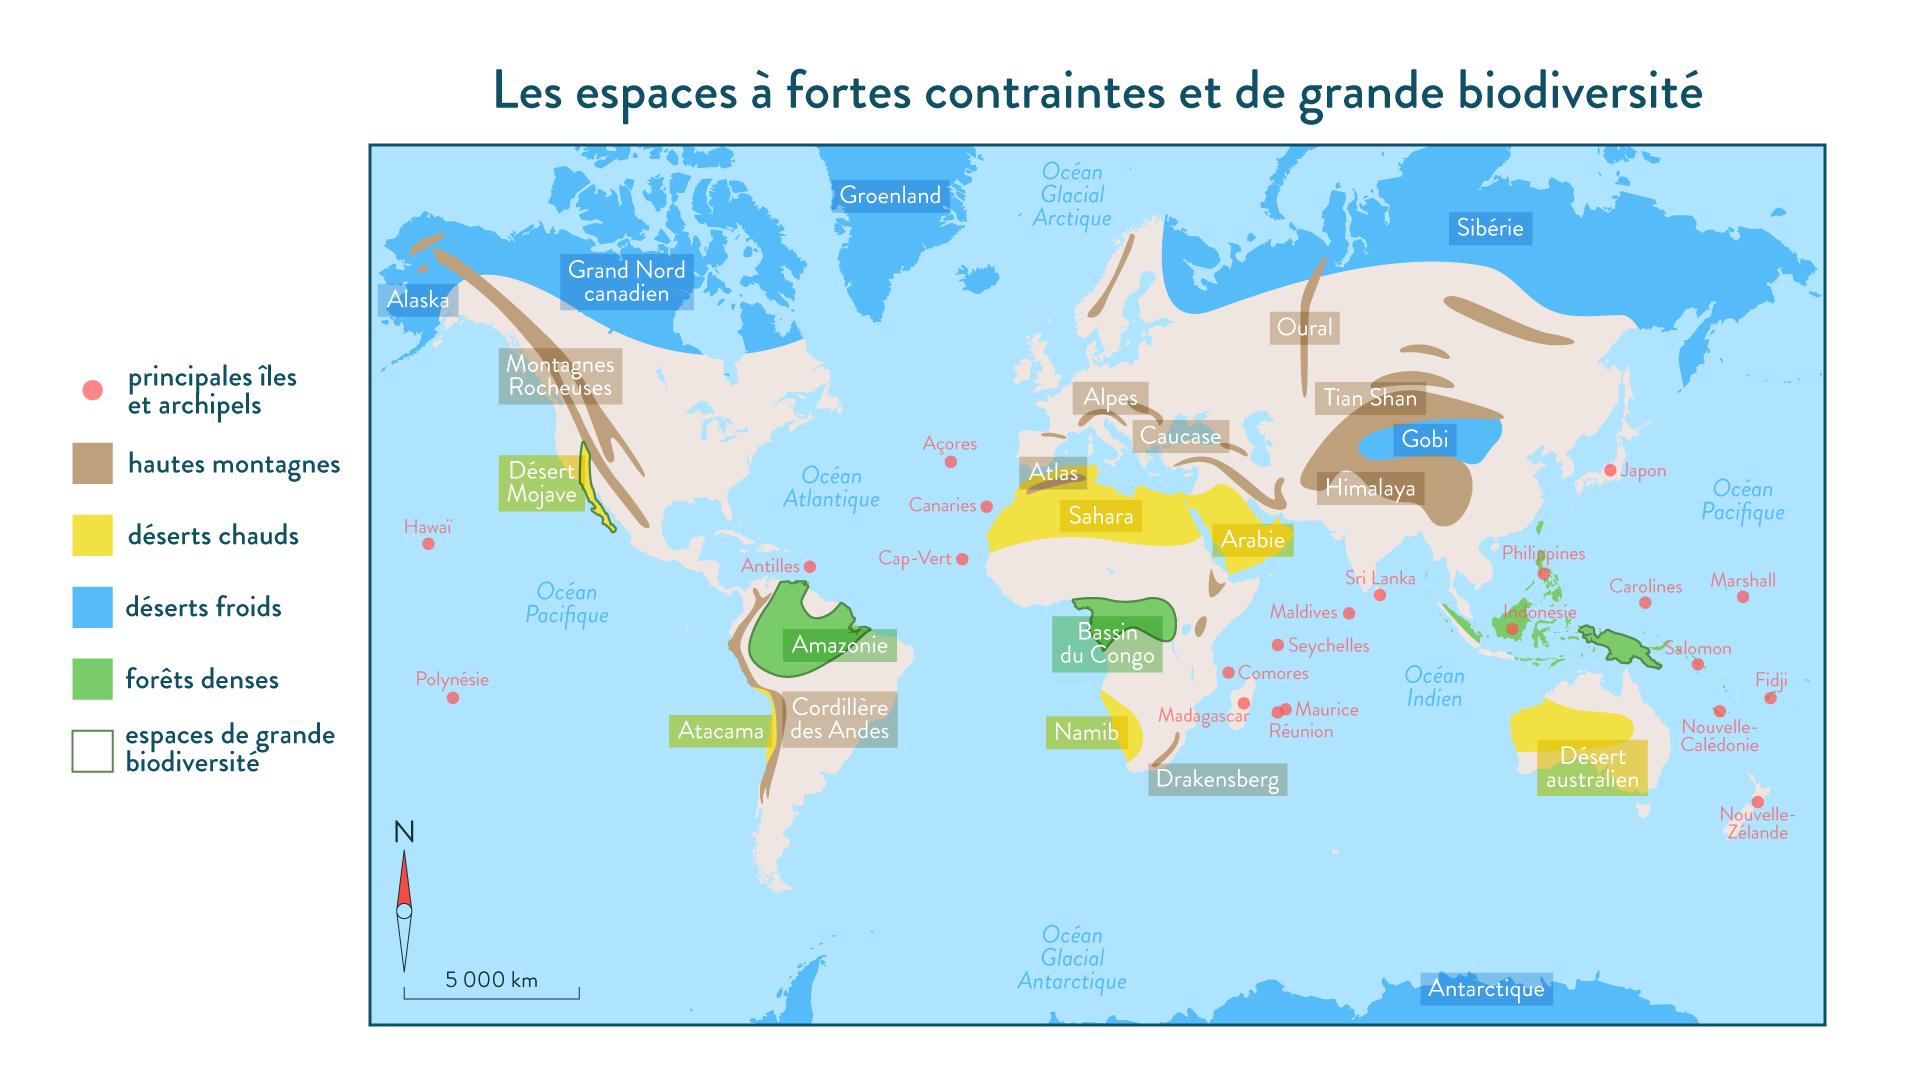 Les espaces à fortes contraintes et de grande biodiversité